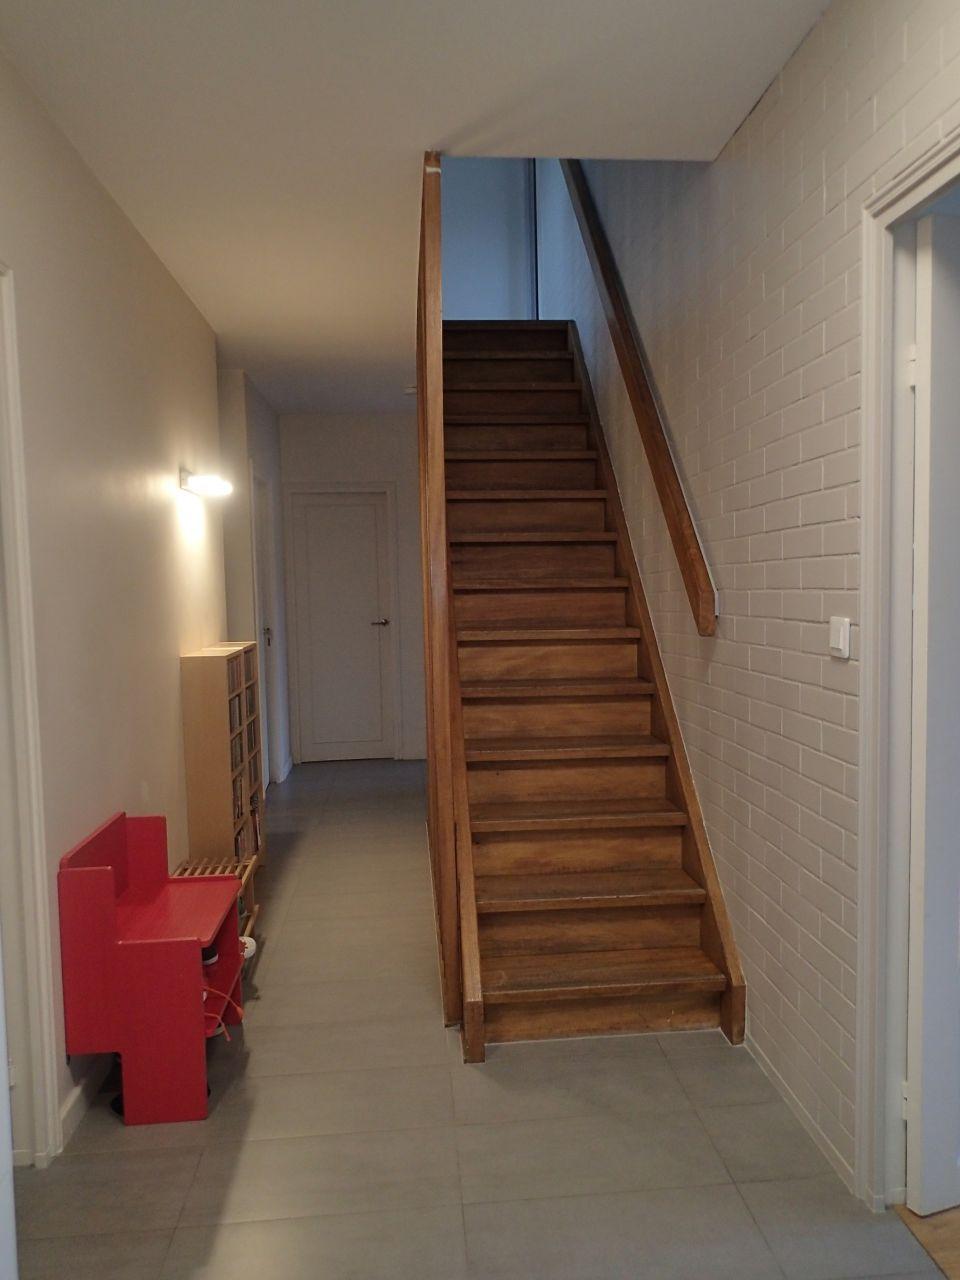 Couloir bas+ escalier avec peinture finie